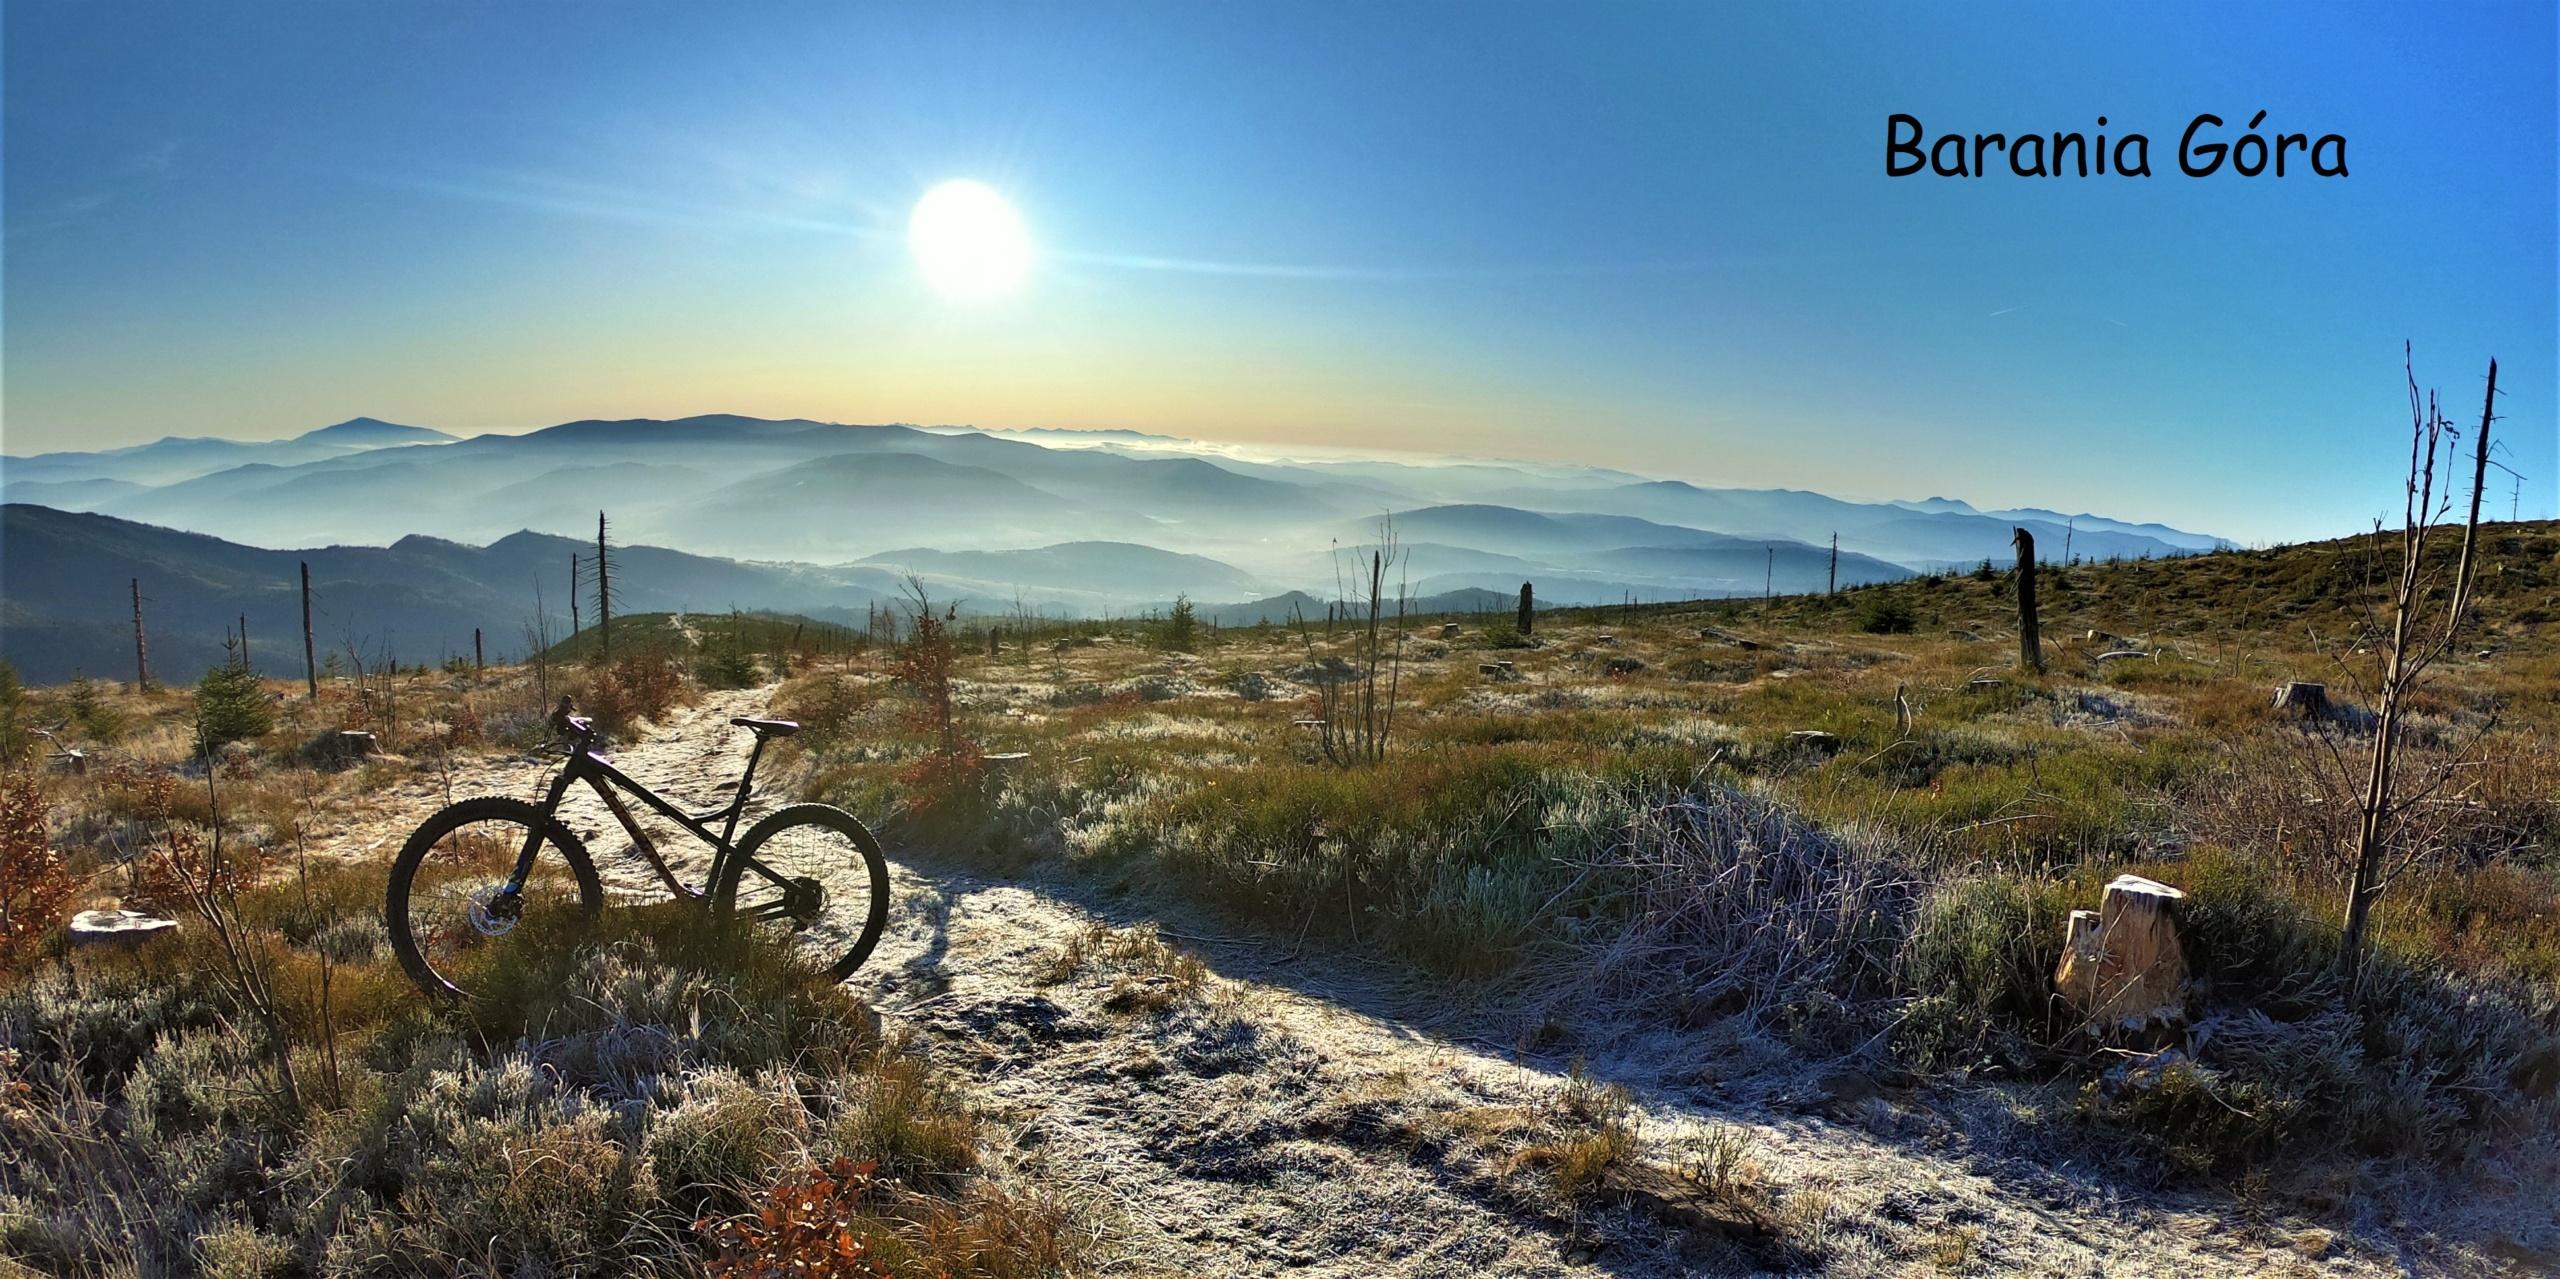 najpiękniejsze miejsca w Beskidzie Śląskim rowerem Barania Góra